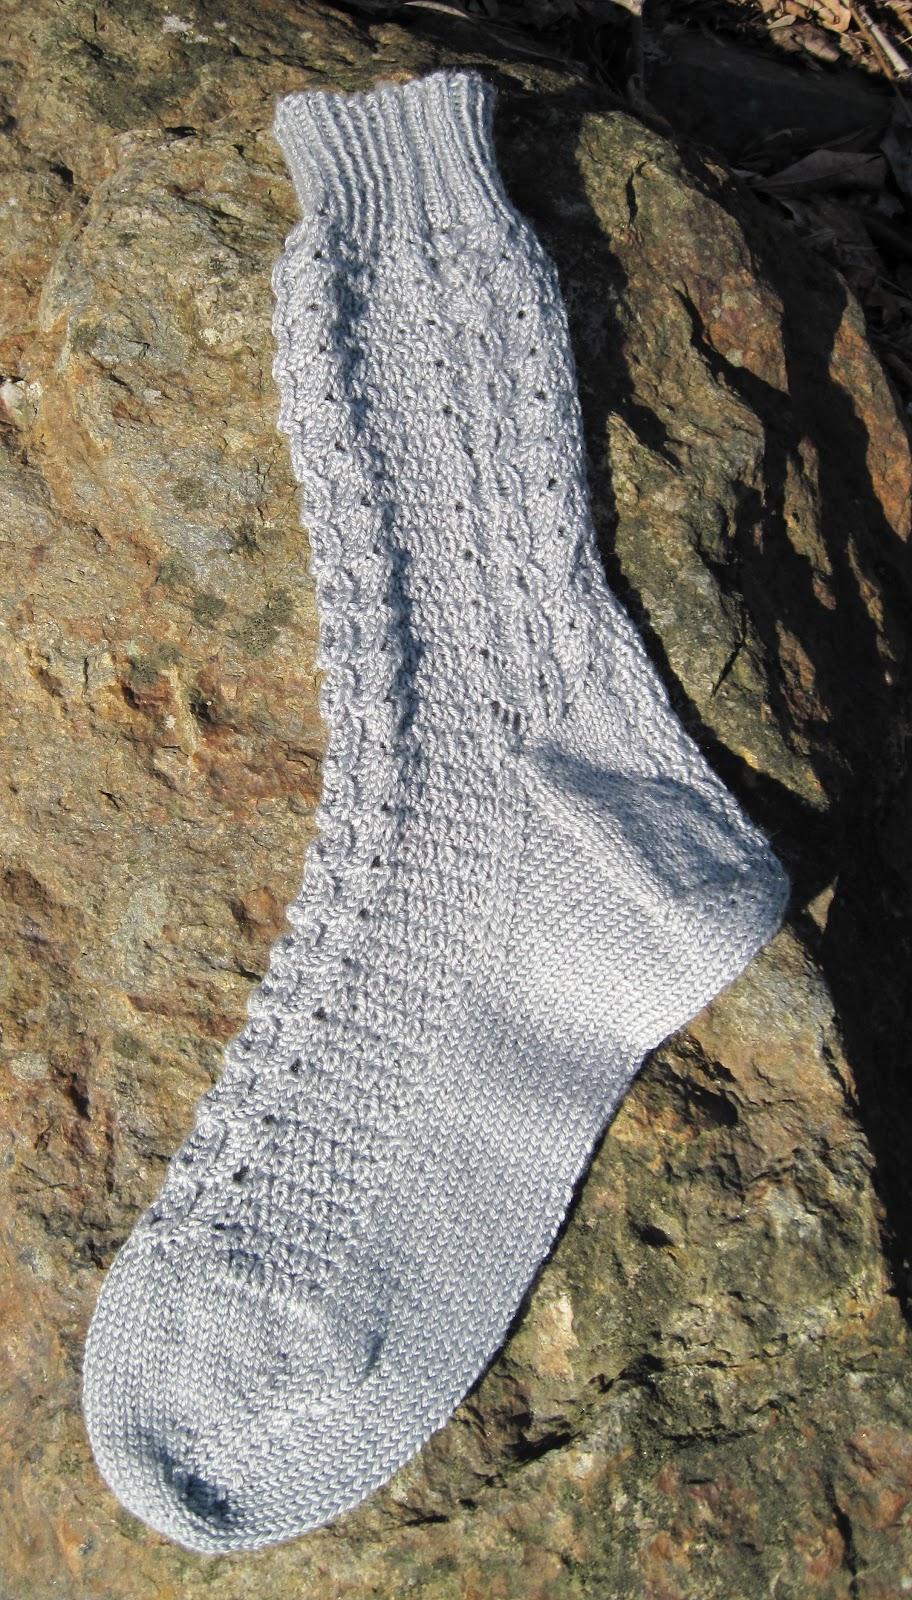 Knitting Vintage Socks Nancy Bush : Yarns with a twist